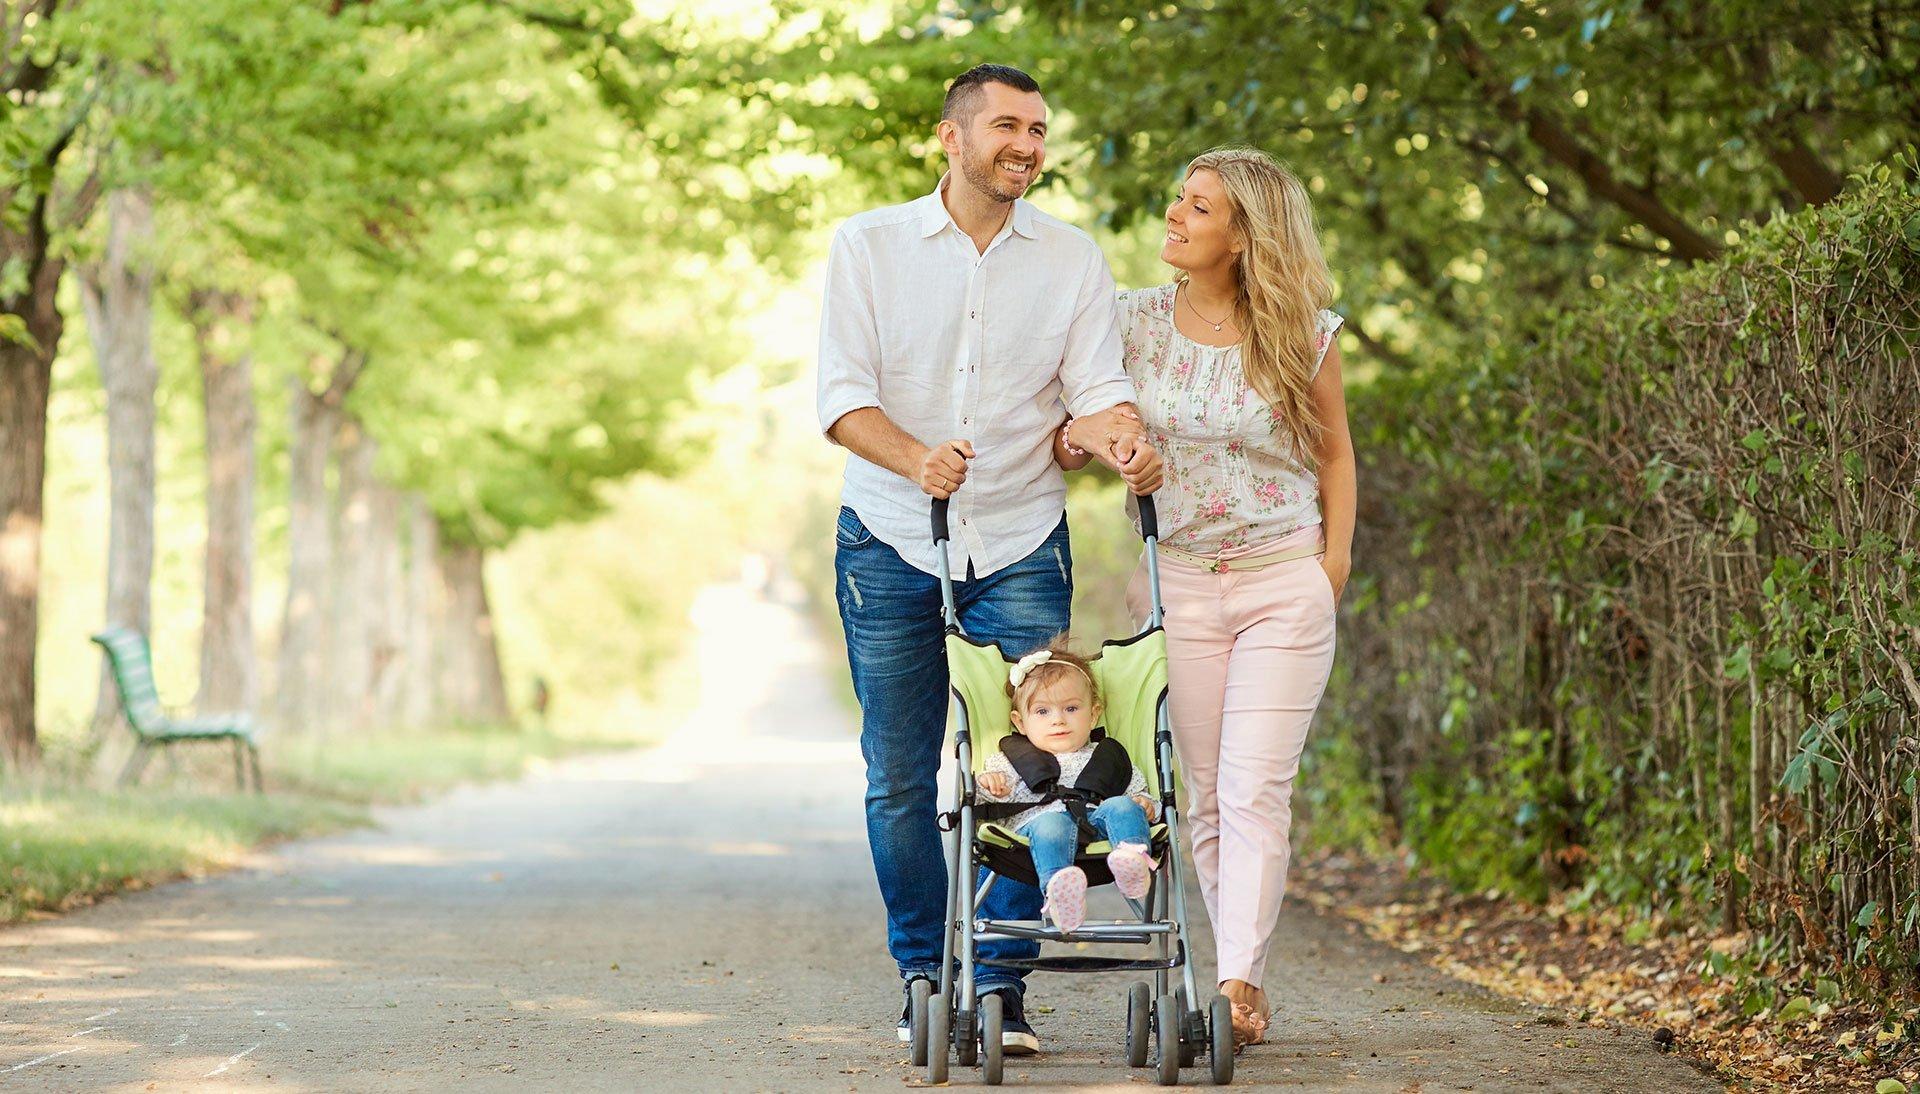 Family Life style in Oshawa